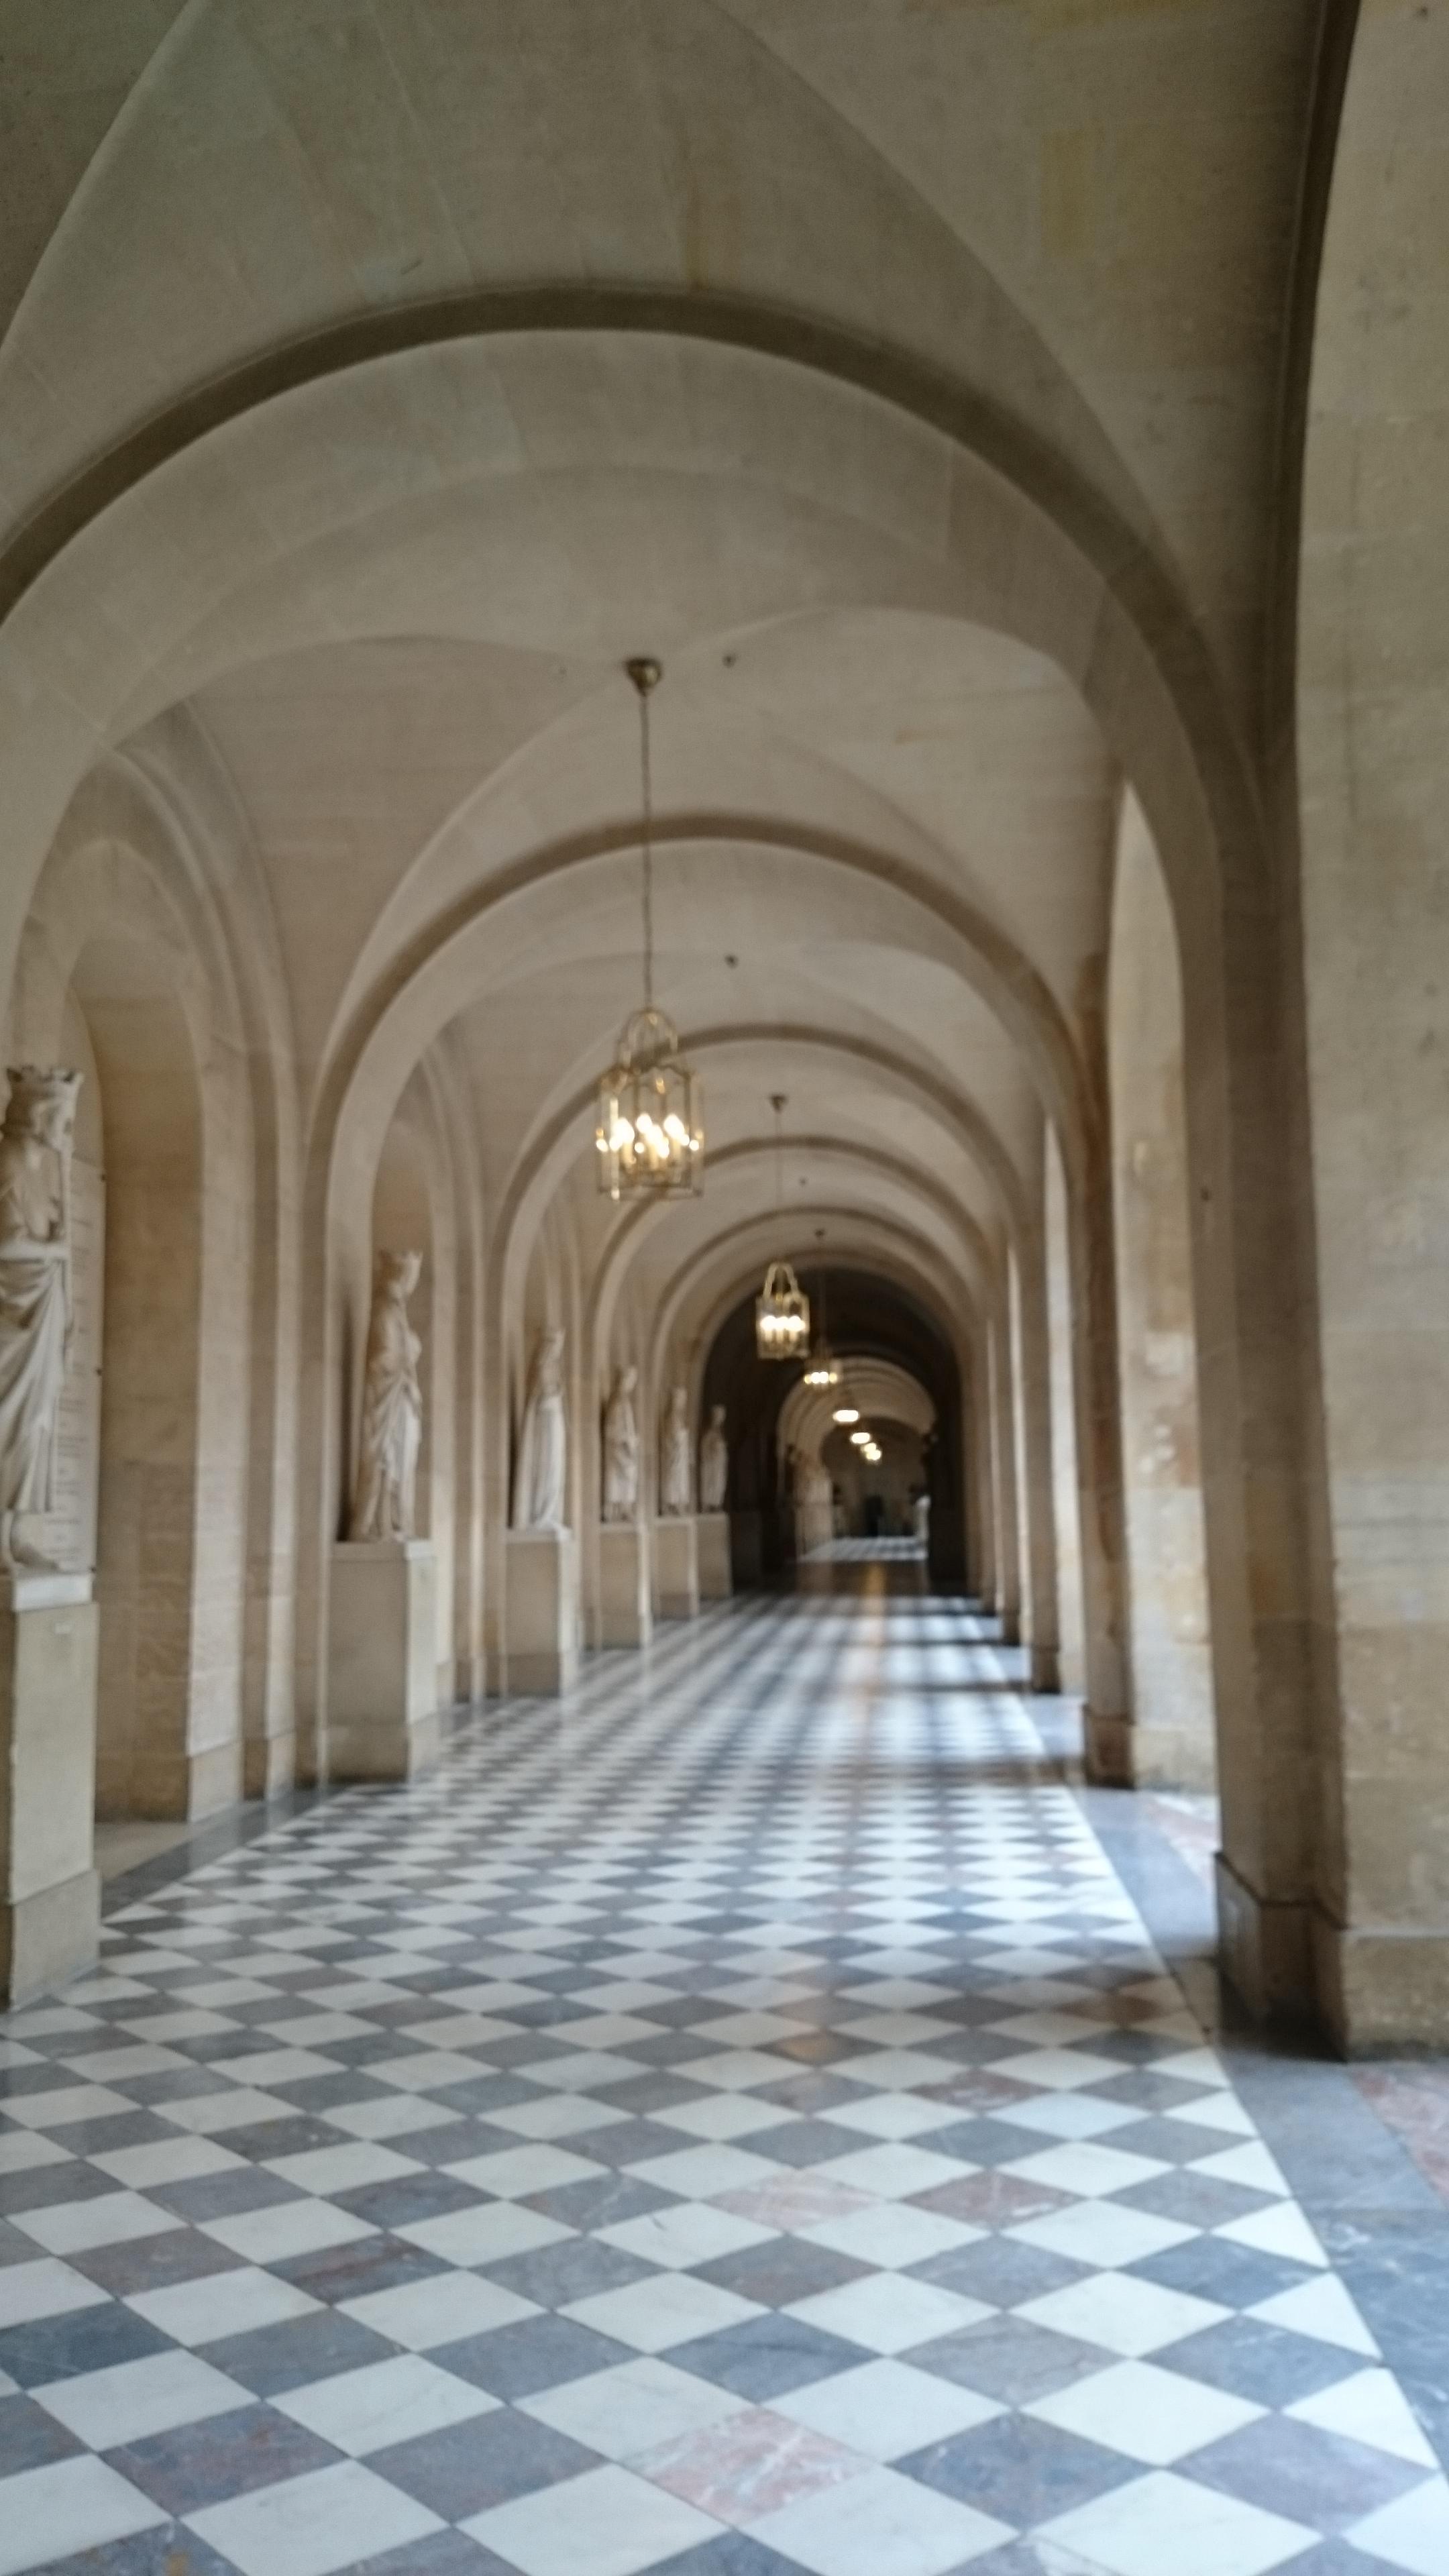 dsc 13191 - Visita al Palacio de Versalles: Como ir, cuanto cuesta y tips III/III